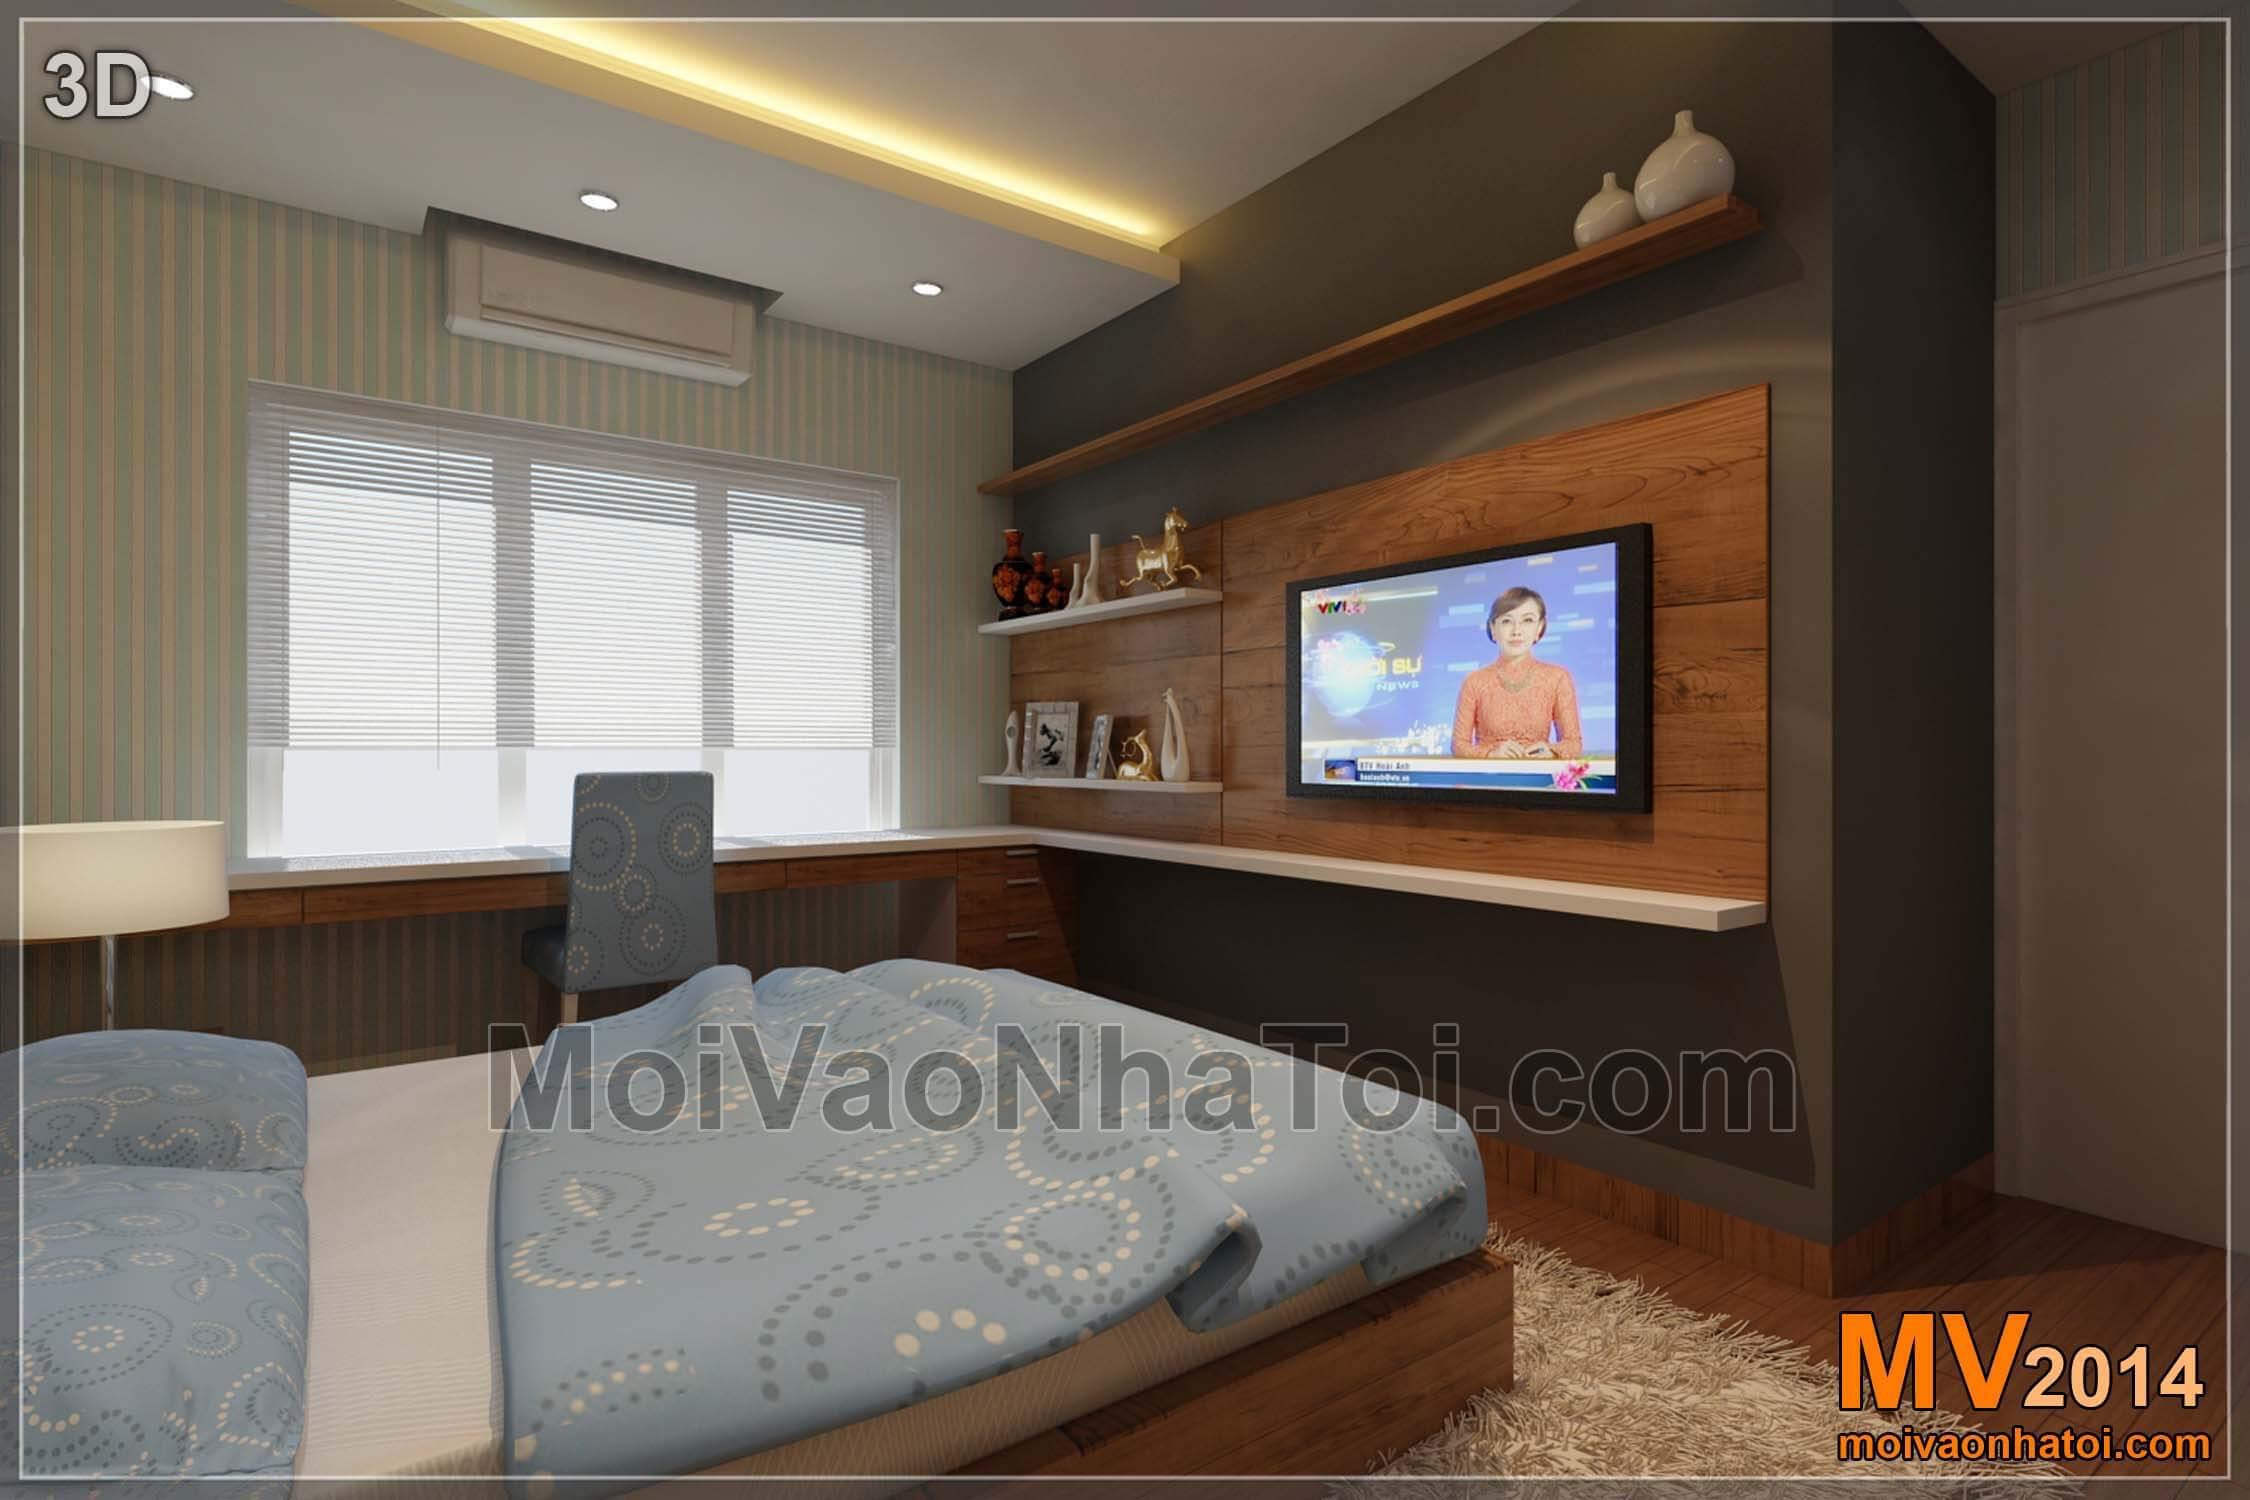 Mảng ốp gỗ TV phòng ngủ con - Thiết kế 3D